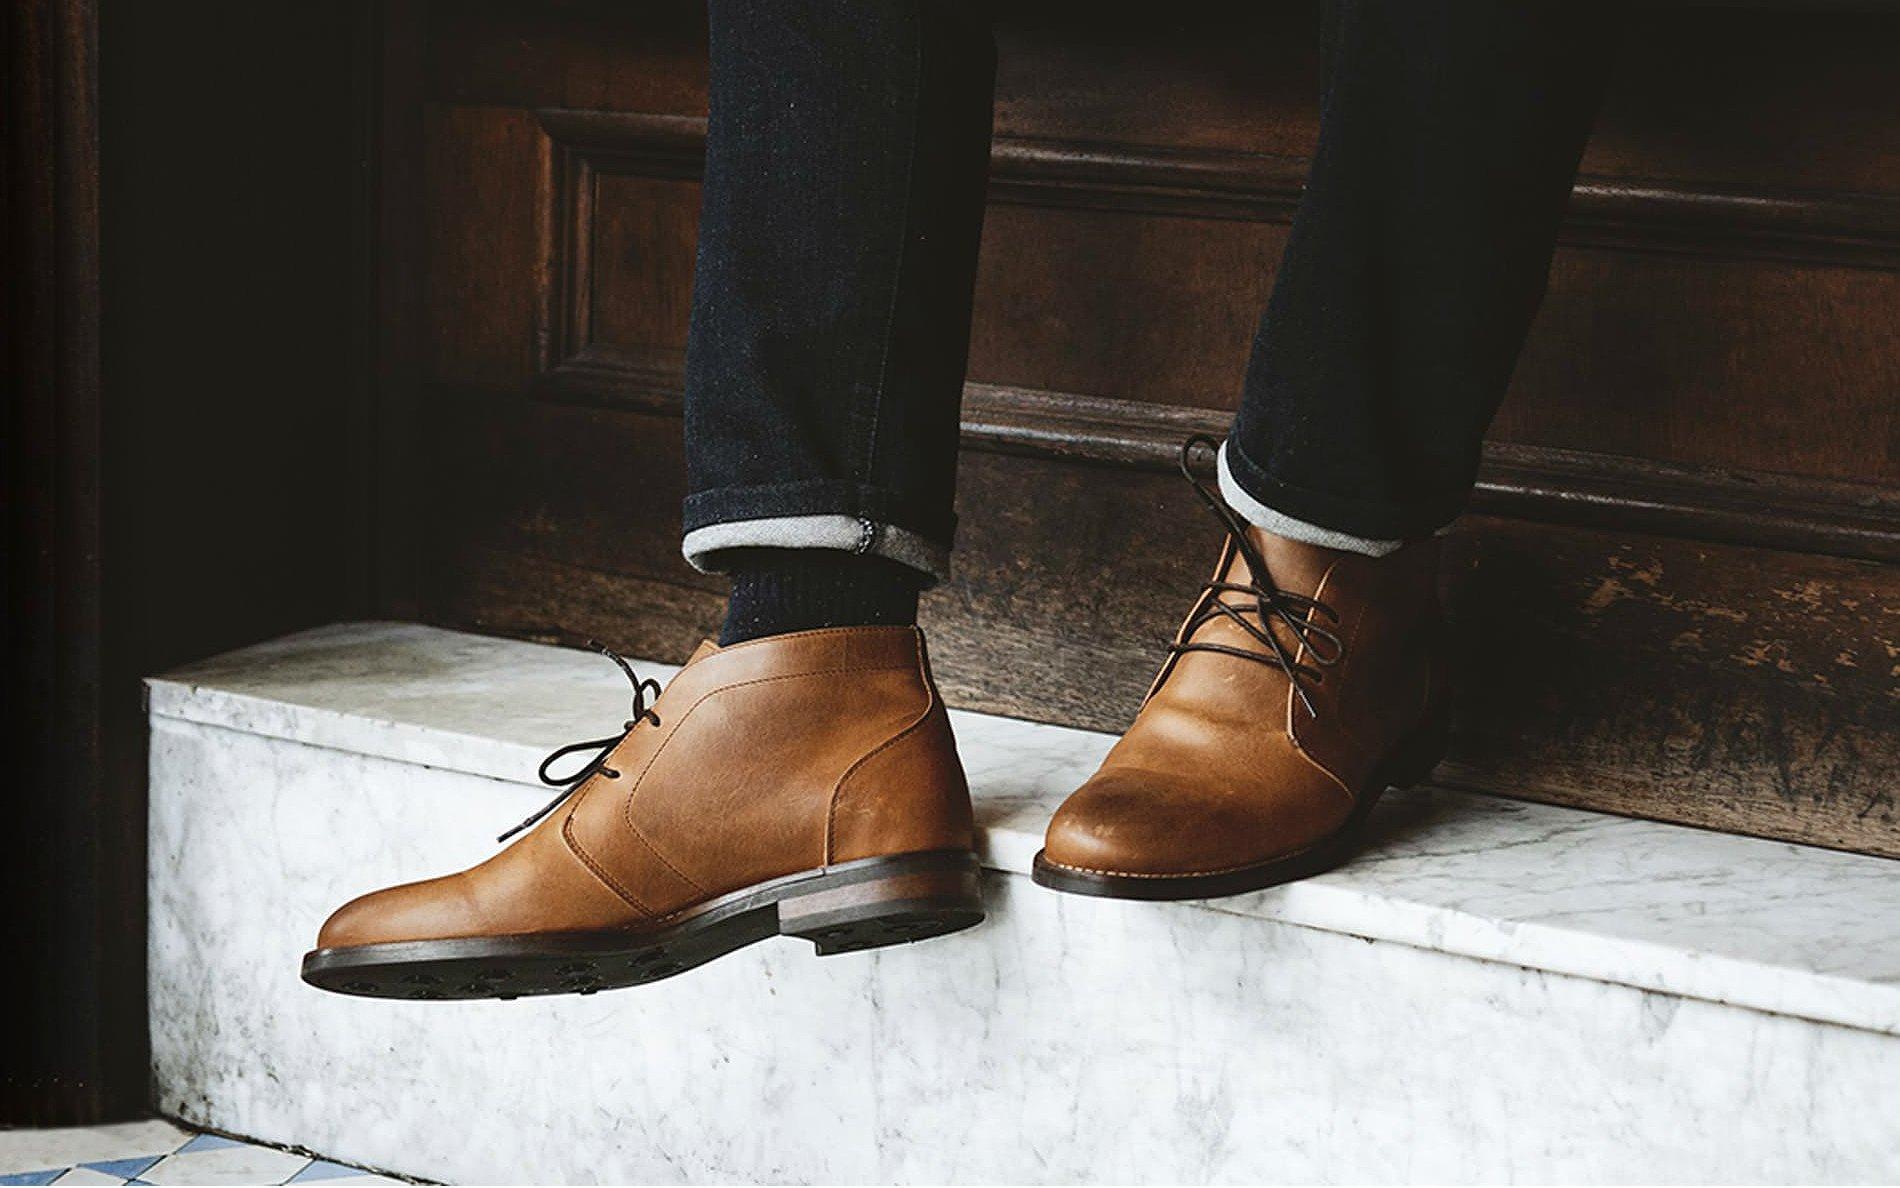 cận cảnh giày chukka bằng da màu nâu